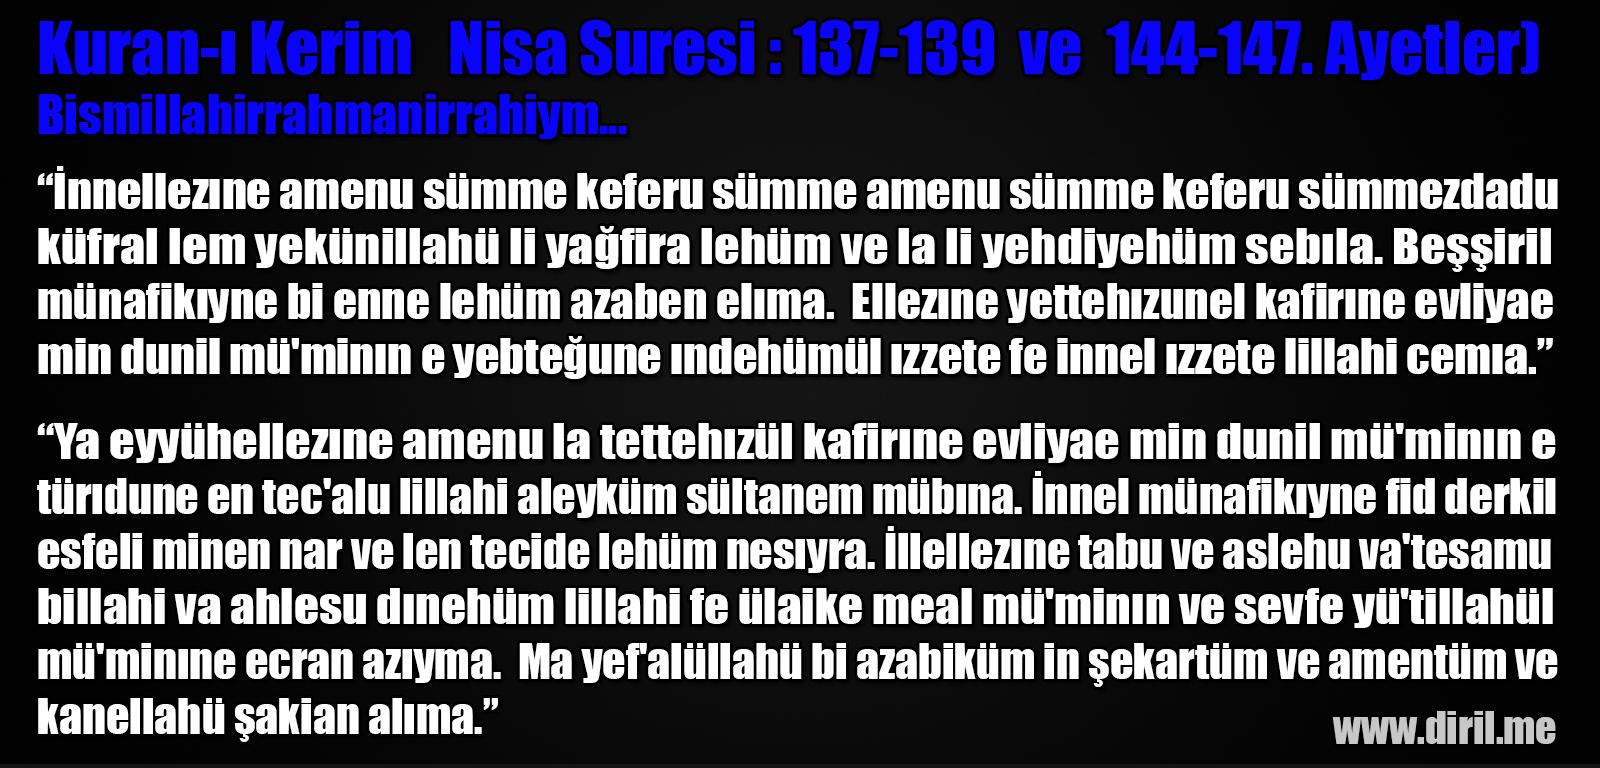 2013-06-31_NisaSuresi_136-138_1600x768